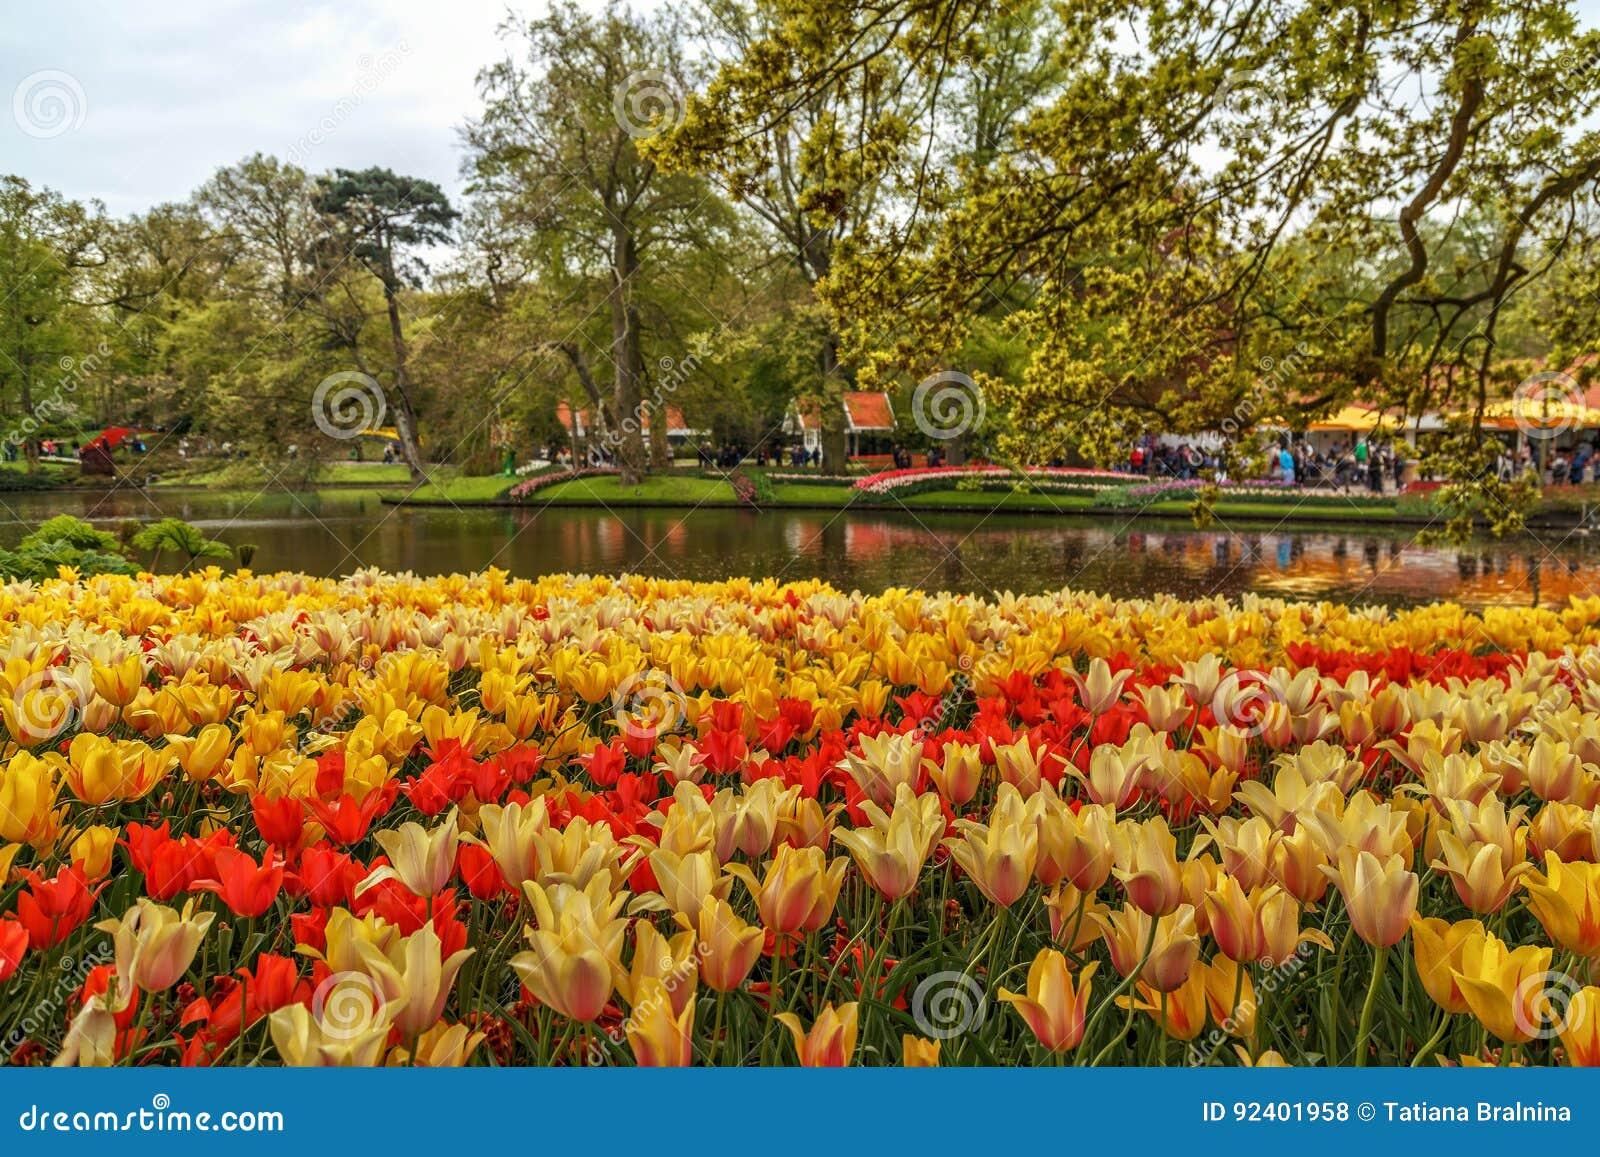 Keukenhof, Lisse, Netherlands, May 2017. Editorial Stock Photo ...